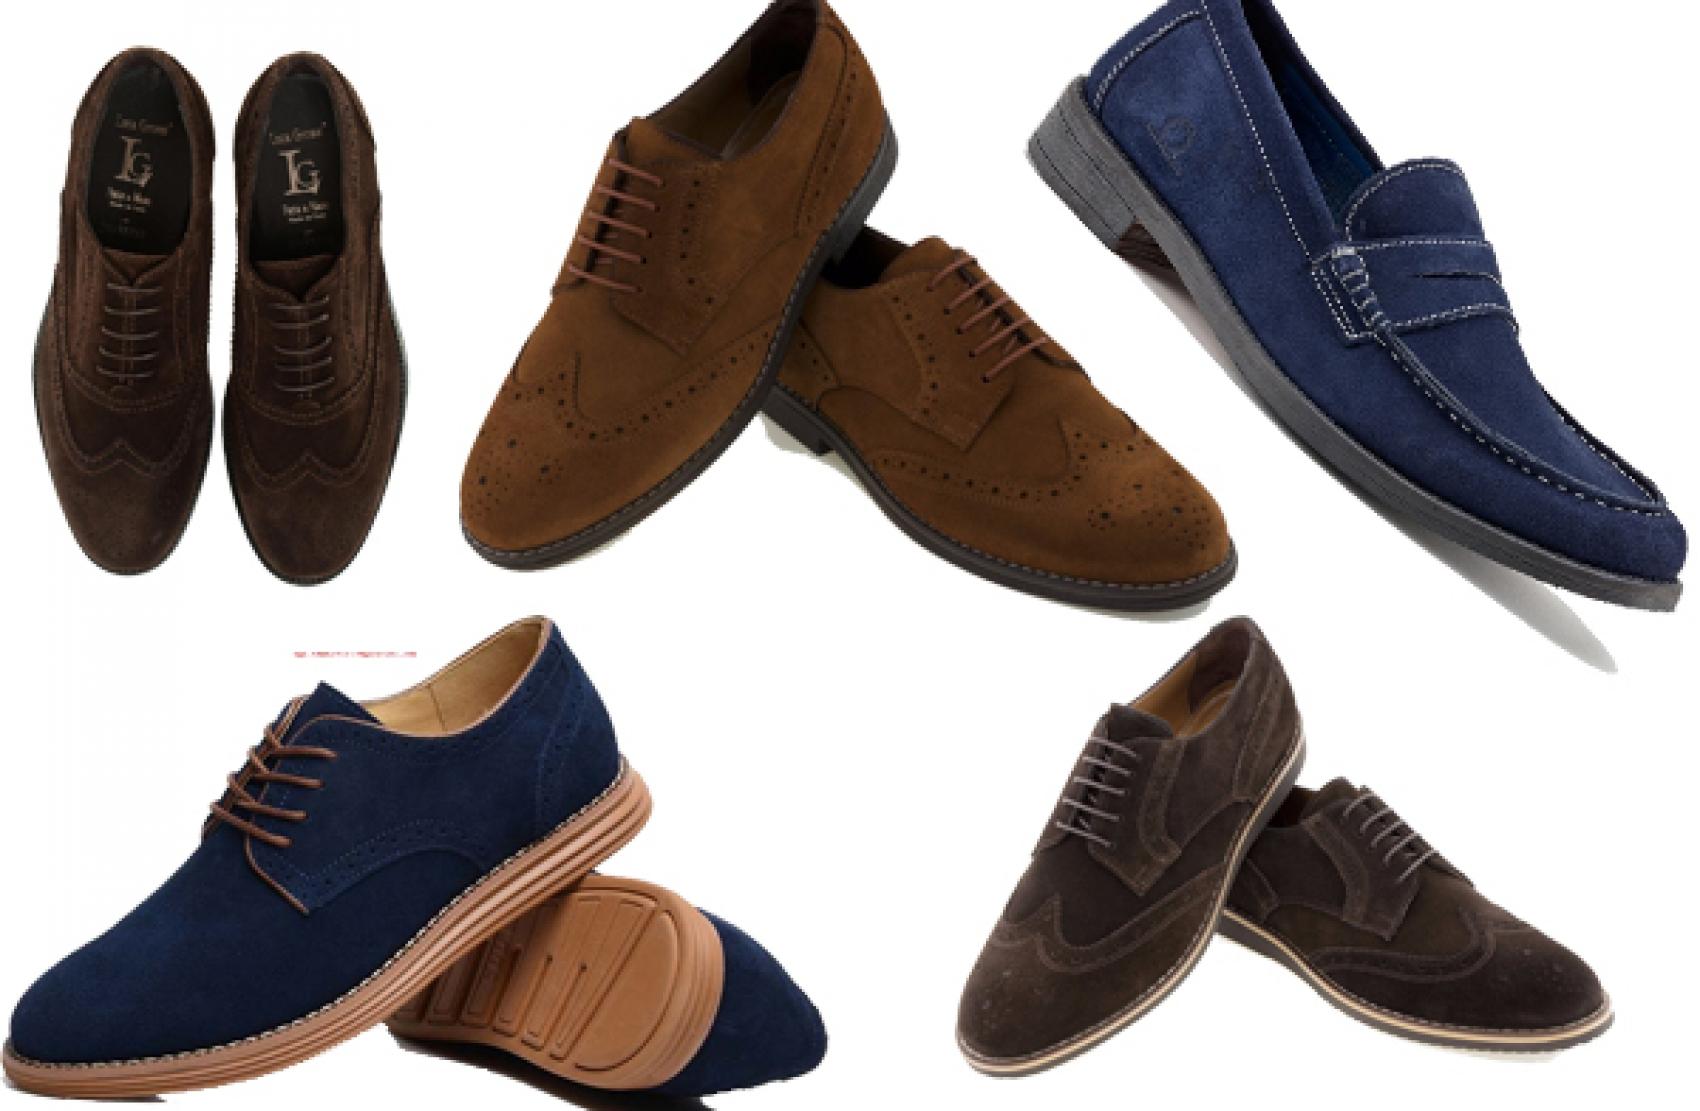 Rahat Damat Ayakkabısı Modelleri Nelerdir?